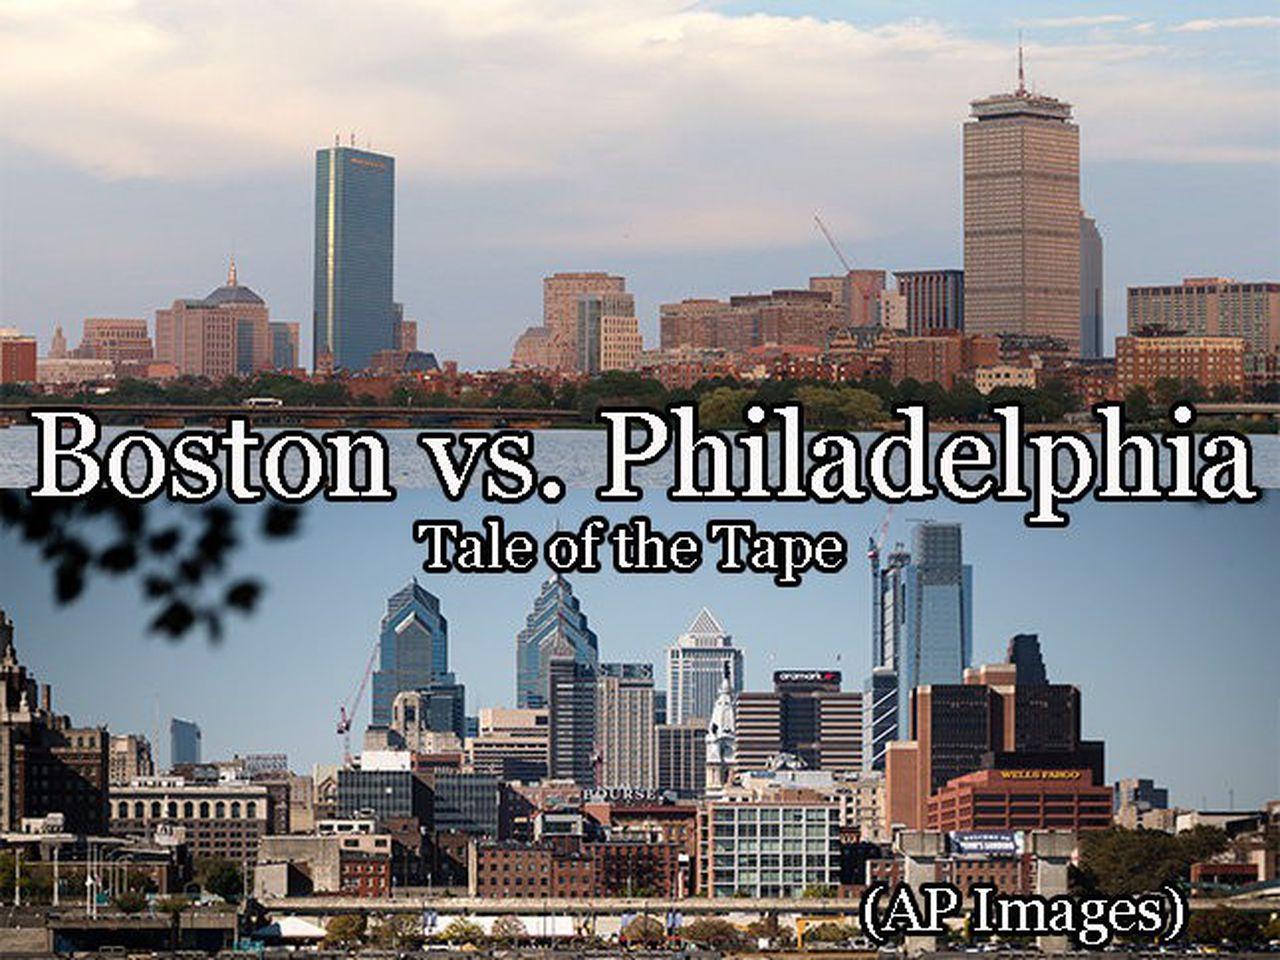 Is The Boston vs Philadelphia Sports Rivalry Even Real?